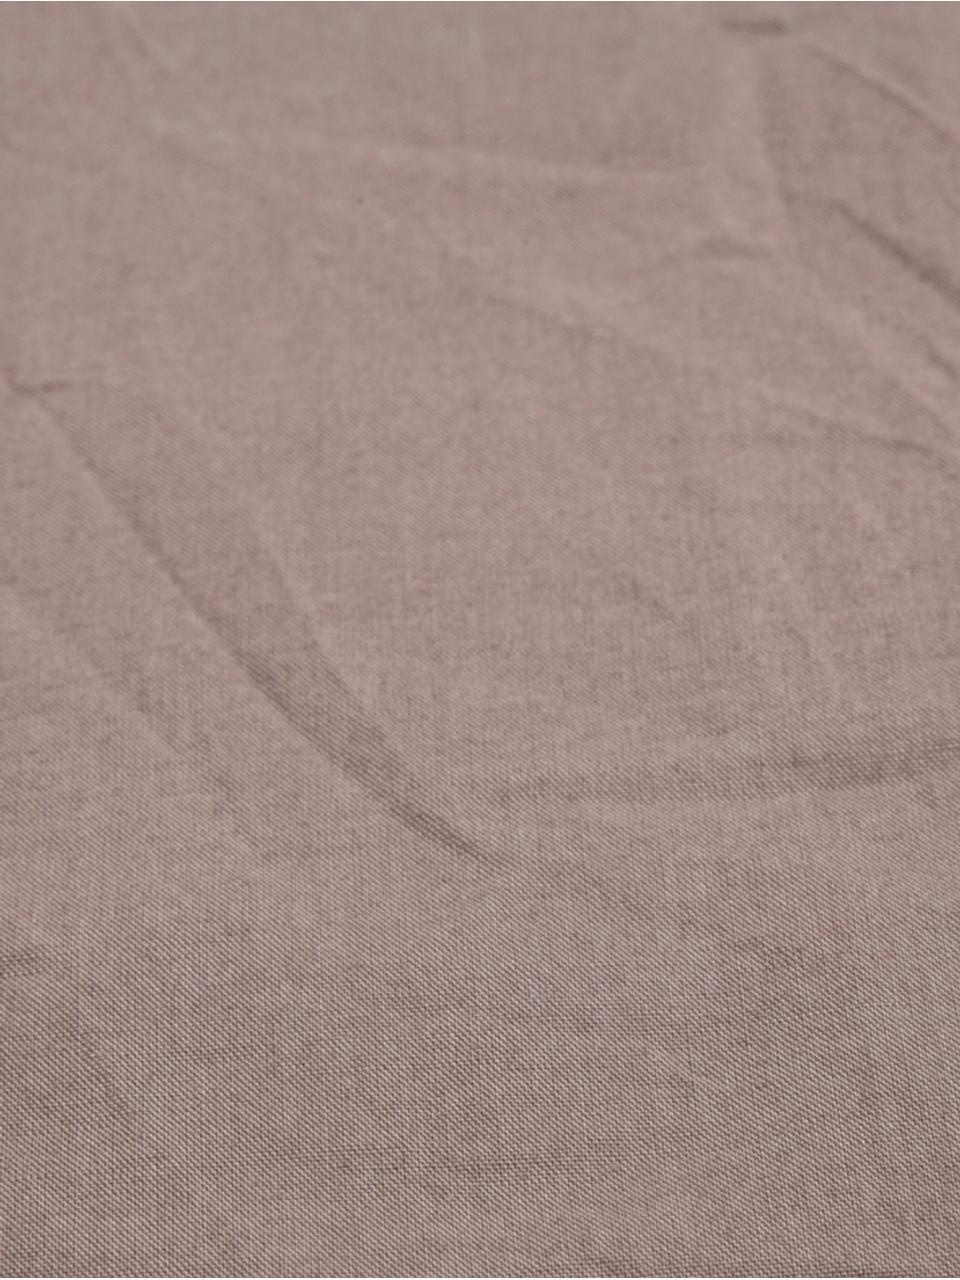 Parure copripiumino in cotone effetto stone washed Velle, Tessuto: cotone ranforce, Fronte e retro: taupe, 155 x 200 cm